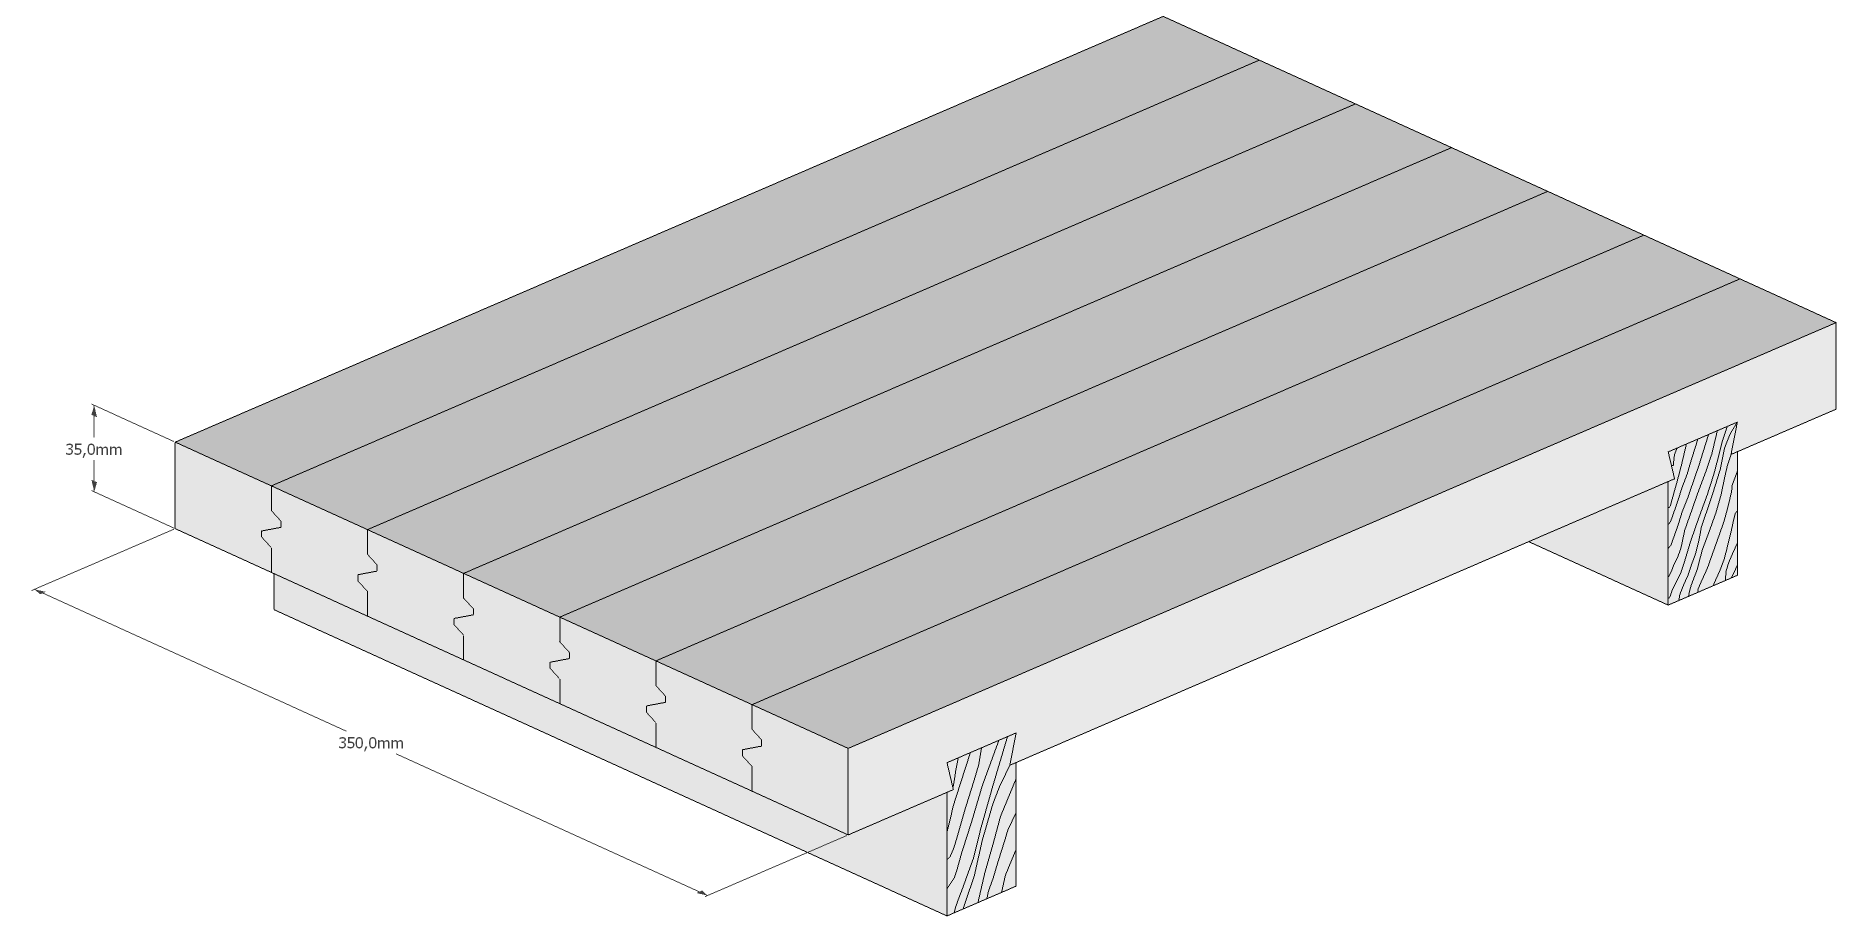 Holzschneidebrett Premium Brettevolution Gratleiste Kronenfuge